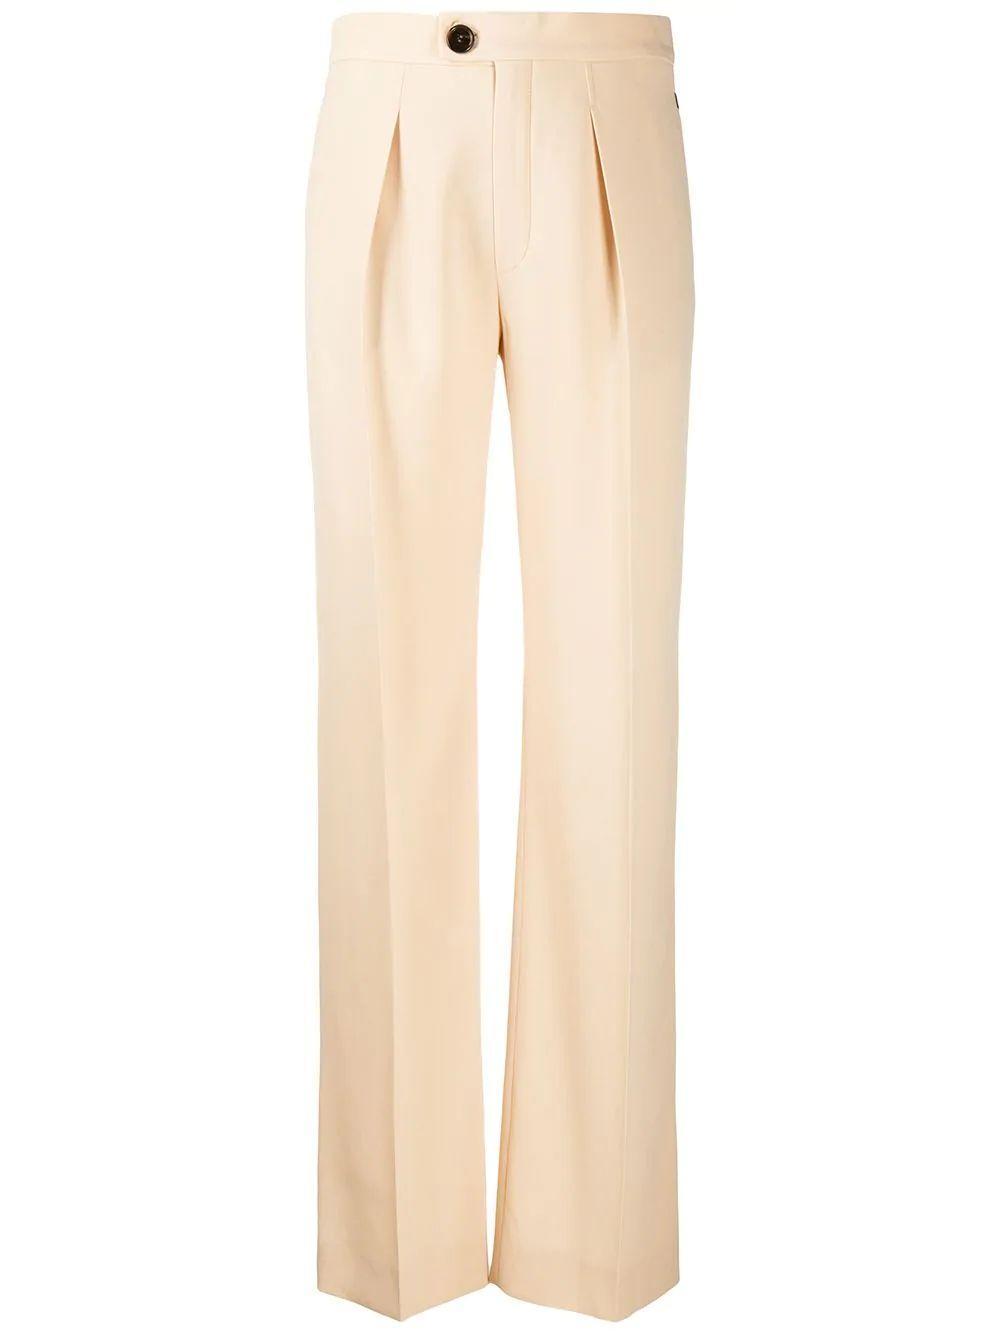 Satin- Back Crepe Trouser Item # CHC20SPA98137